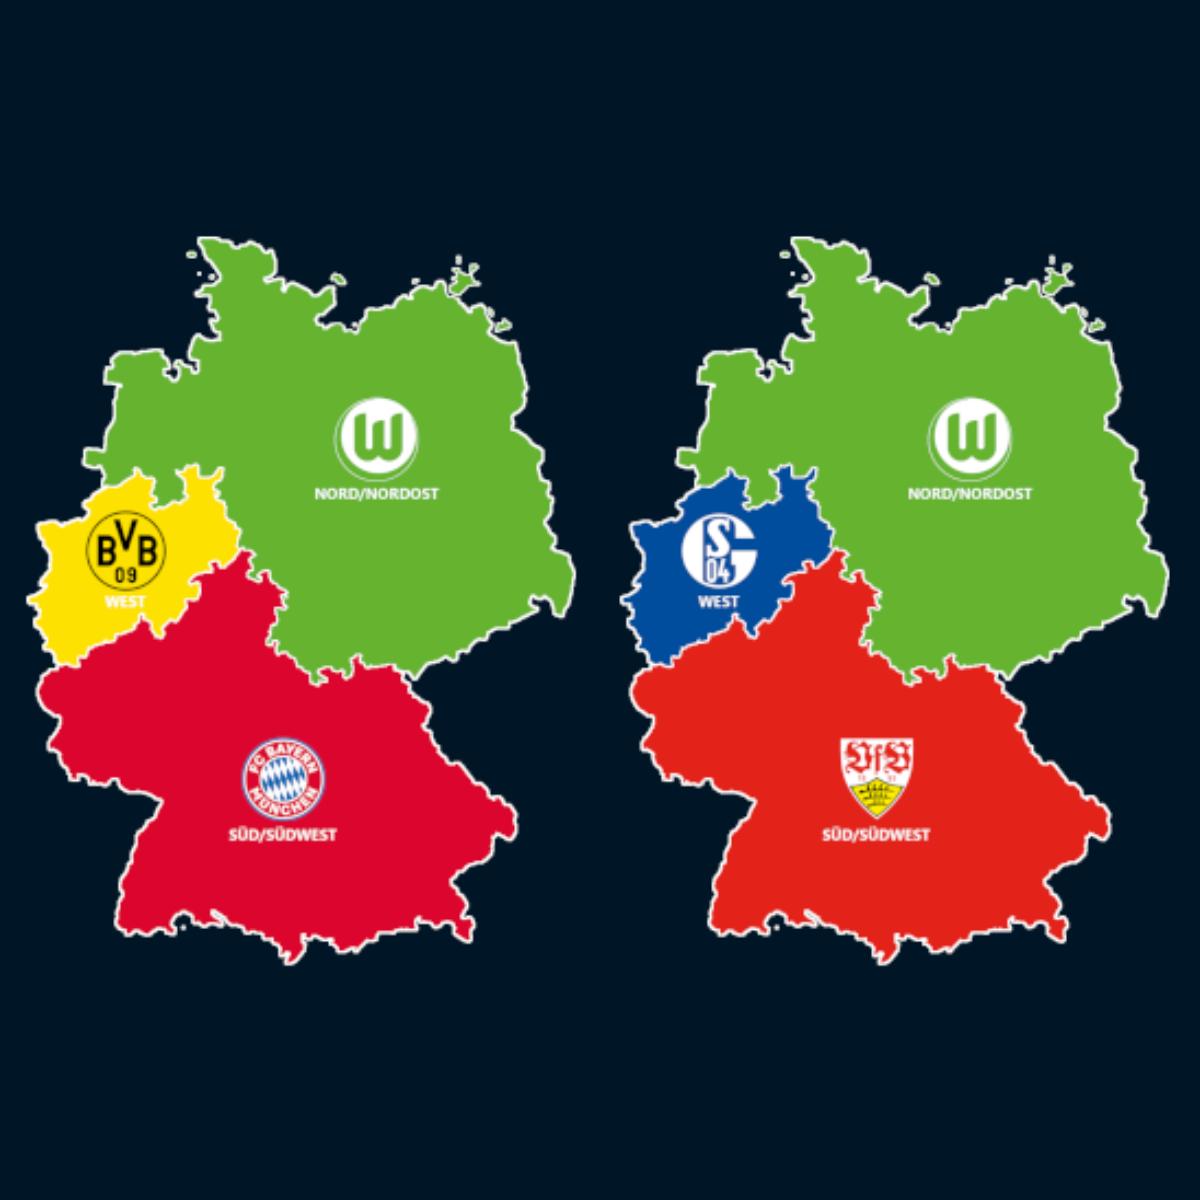 Landkarte: Die Meister der U19 und U17-Bundesligen